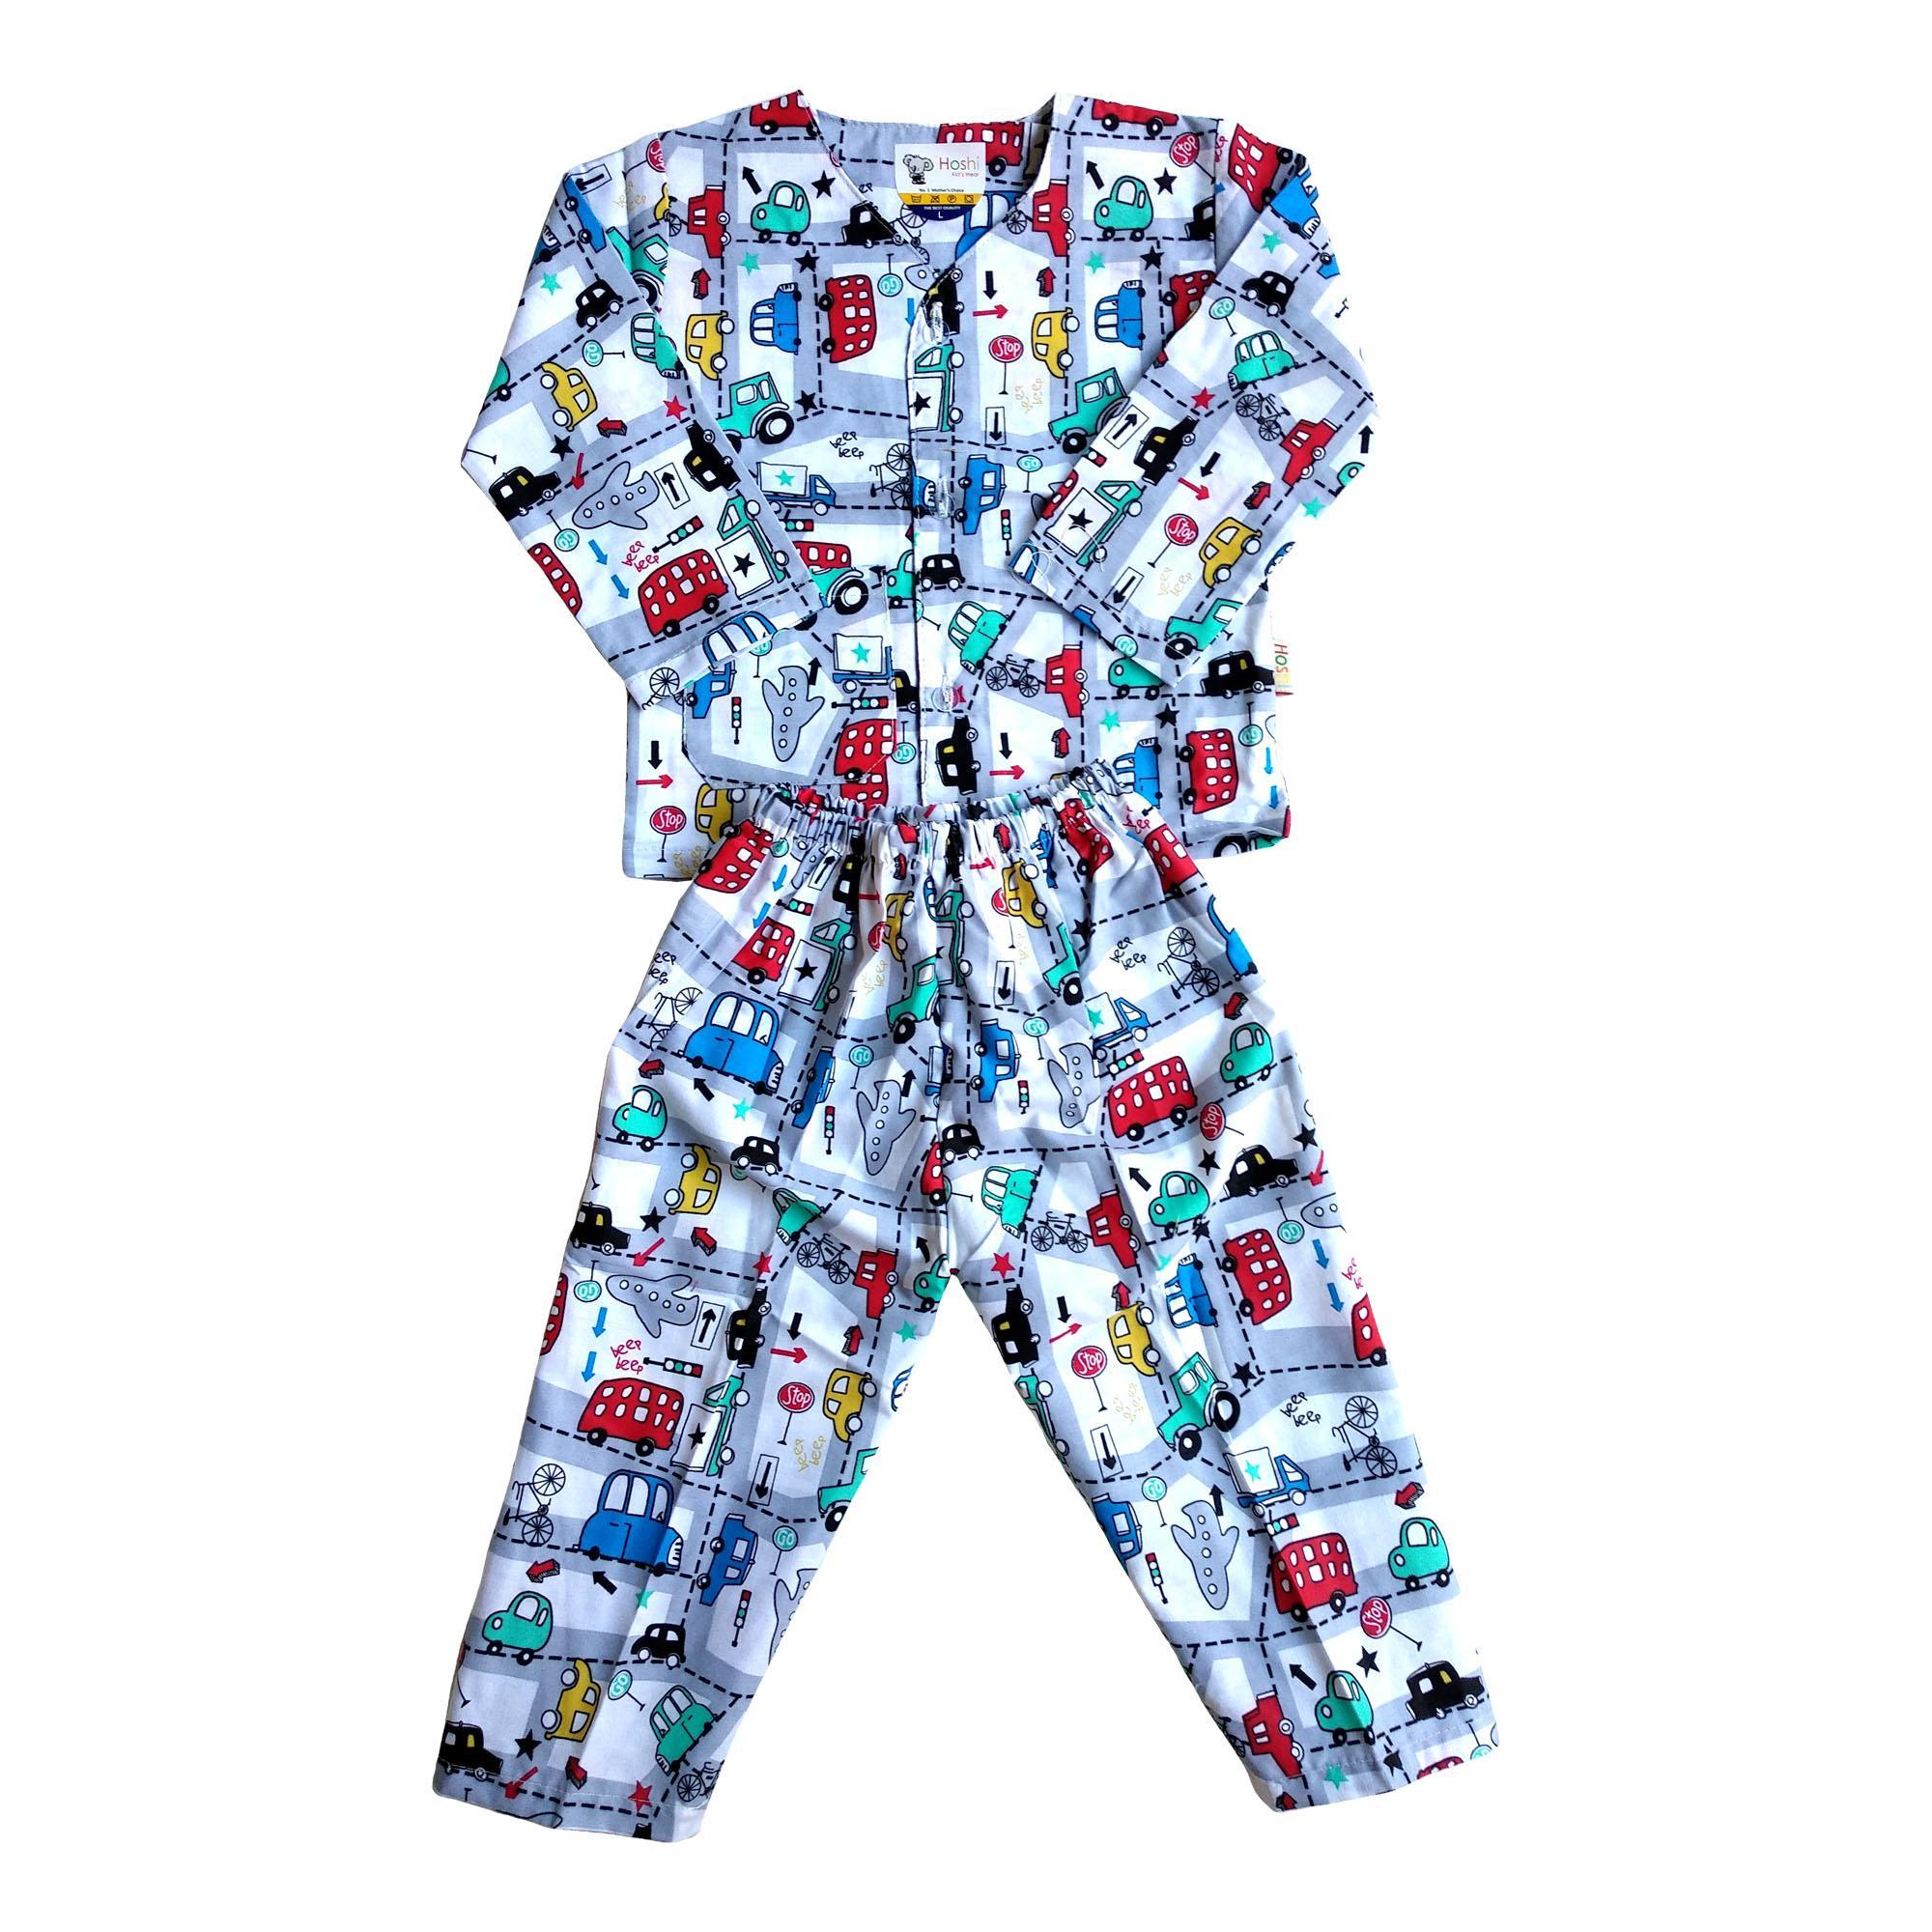 Fio Online - Hoshi - Piyama - Baju Tidur Setelan - Usia 6 sampai 12 bulan - motif Transport Mobil